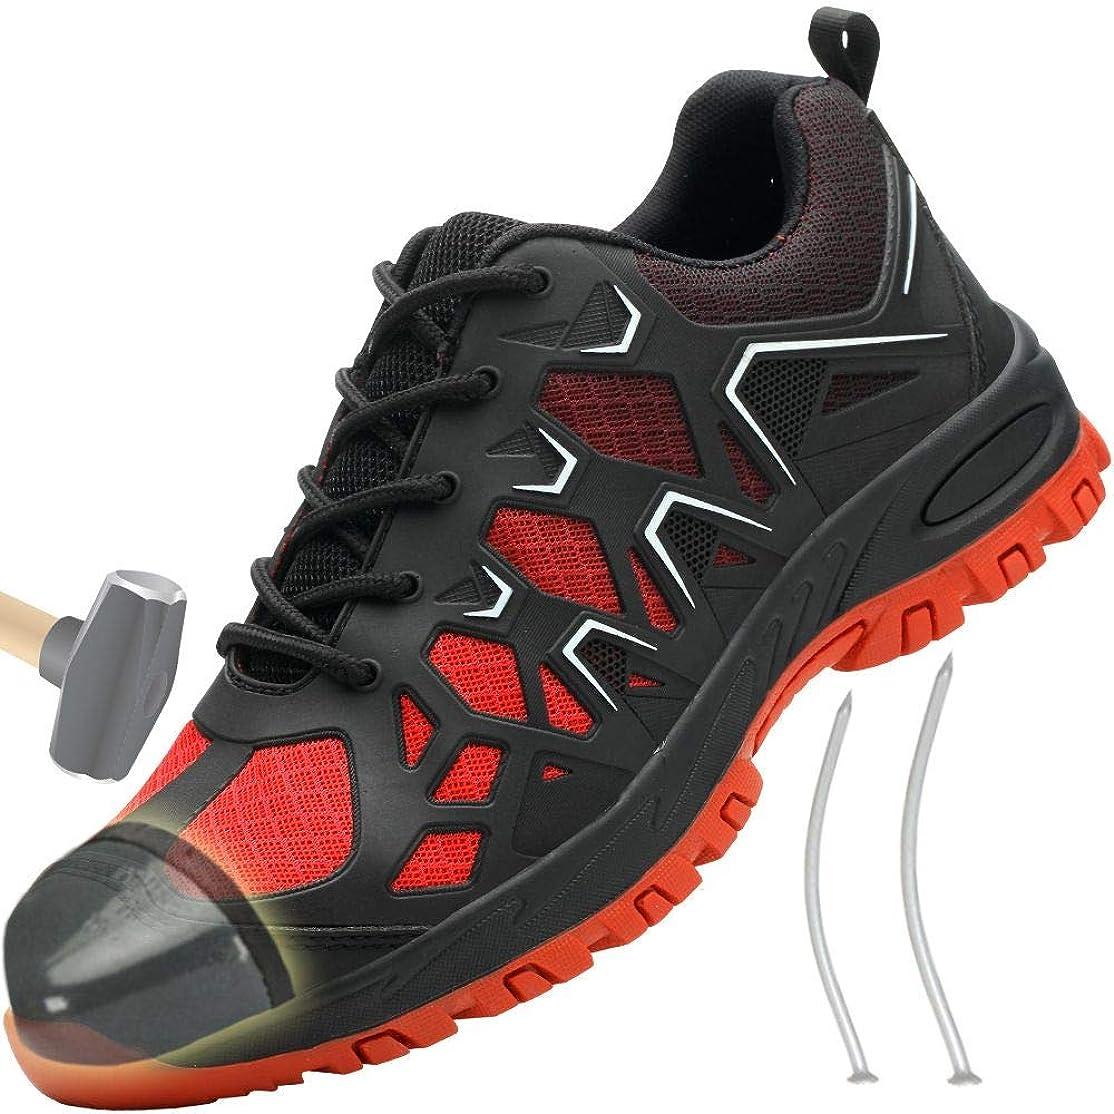 使役異邦人凍結安全靴 作業靴 セフティーシューズ 防水安全靴 踏み抜き防止 鋼制先芯 つま先保護 ケブラー中底